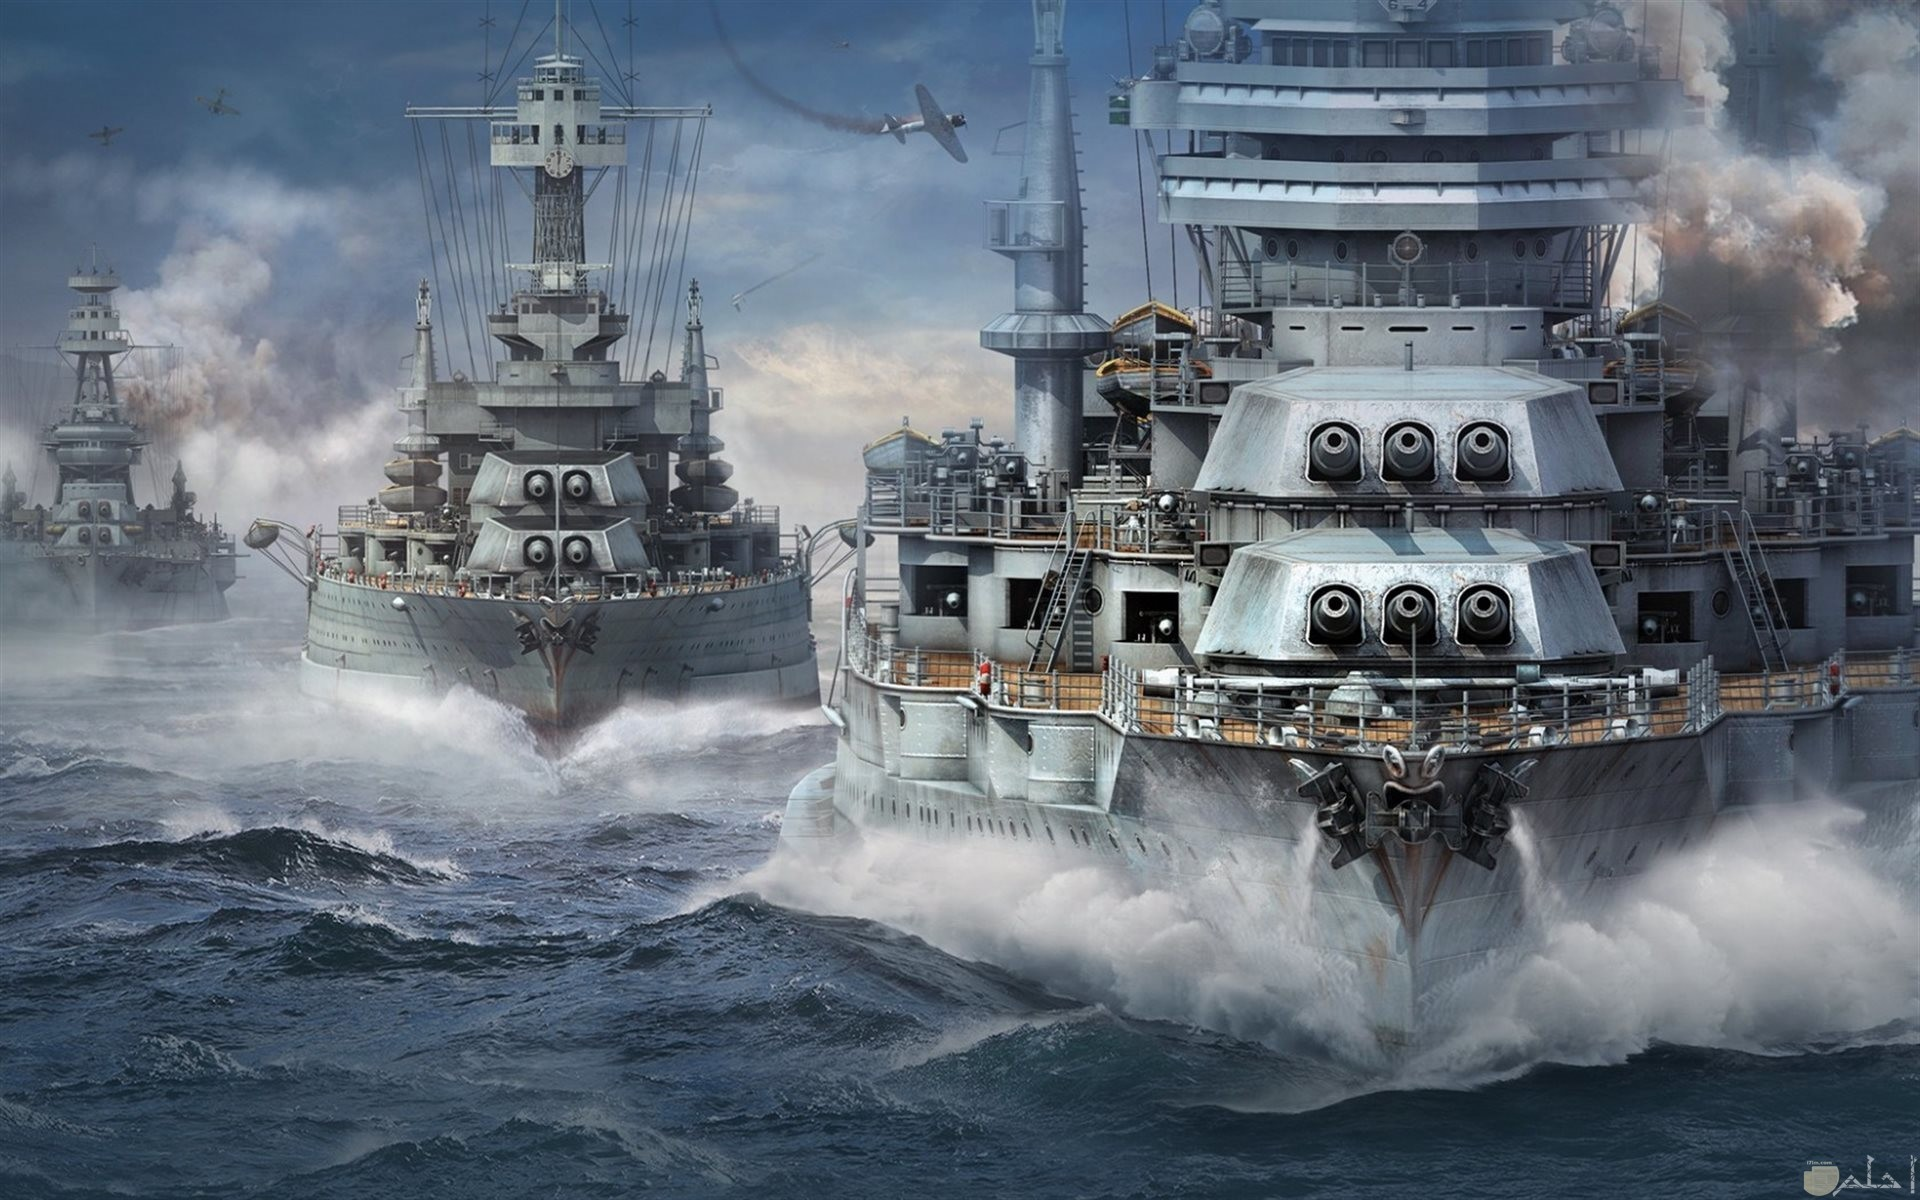 صورة سفن تبحر وسط الموج العالى.